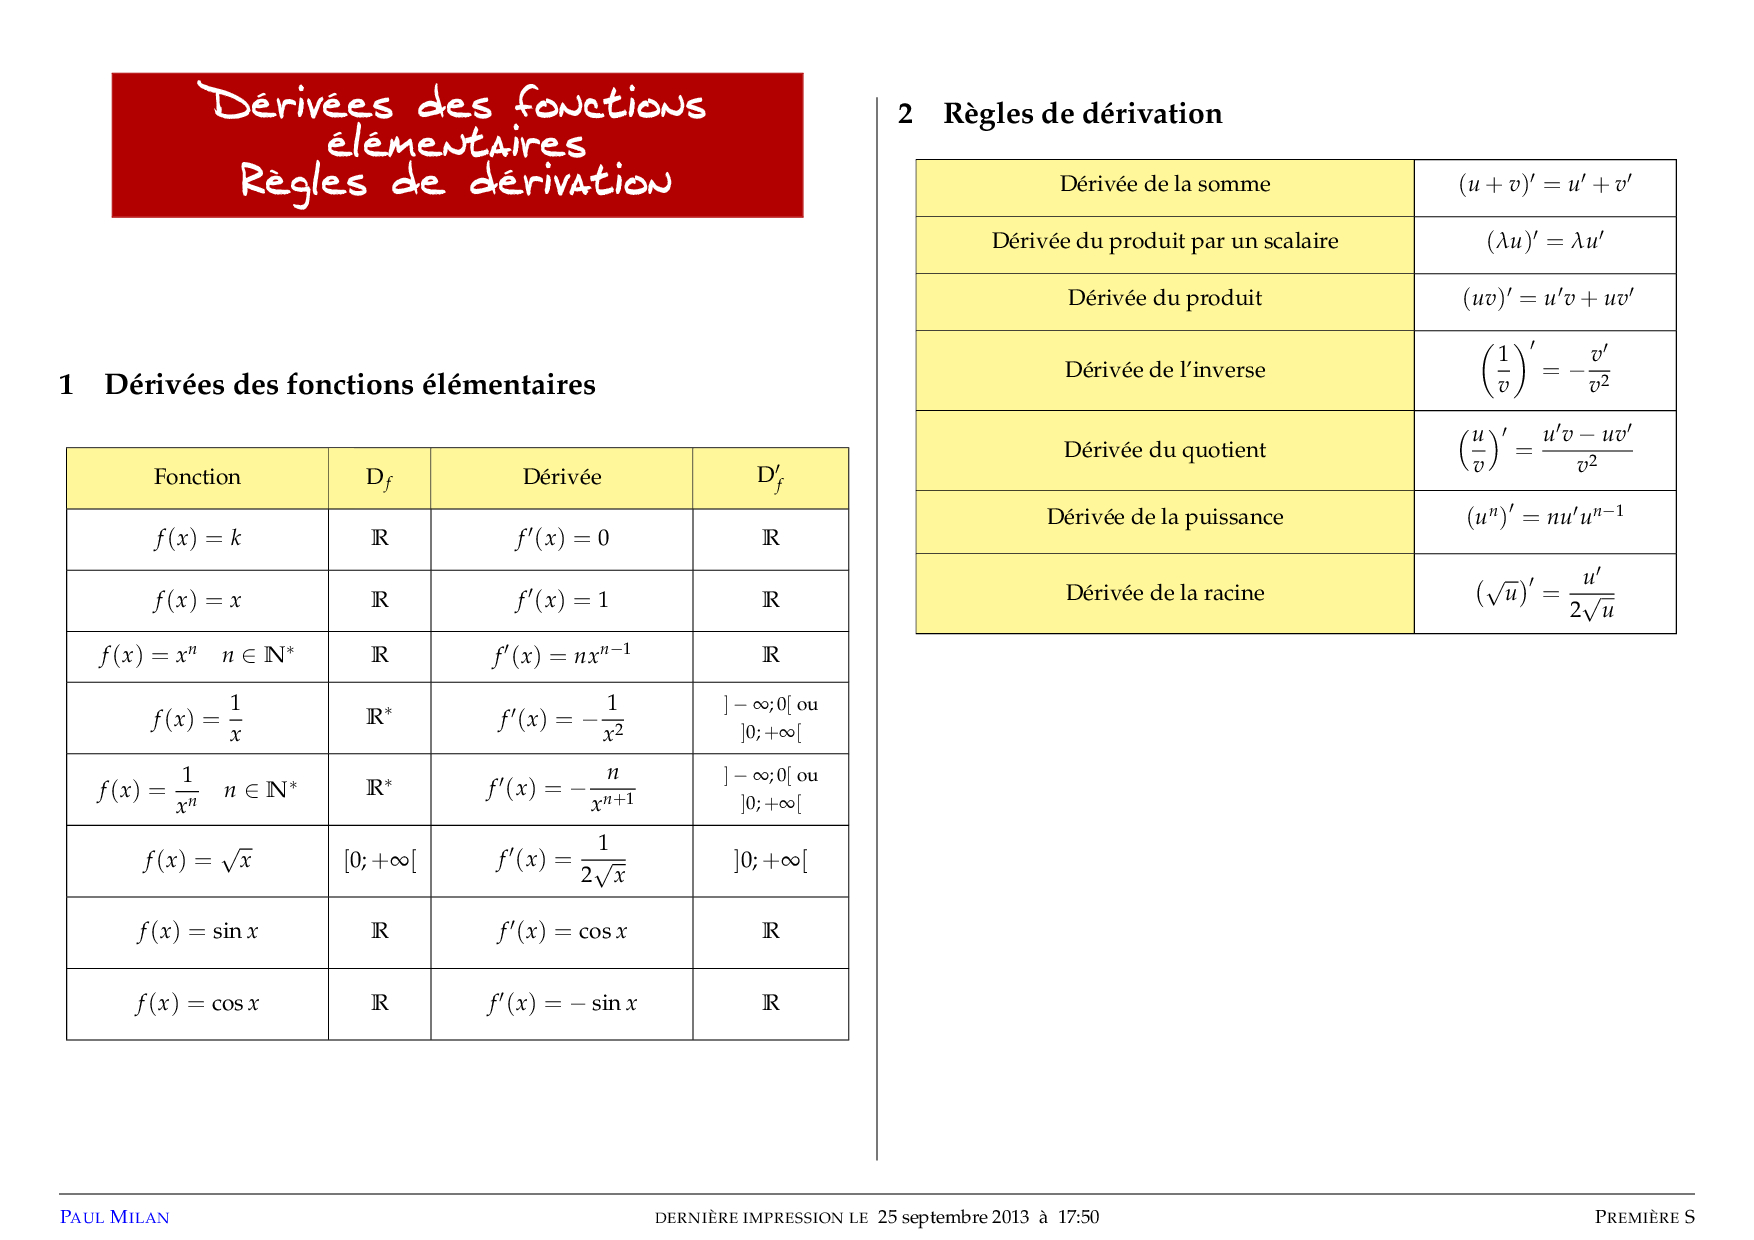 Tableau Des Derivees Des Fonctions Elementaires Et Regles De Derivation Alloschool